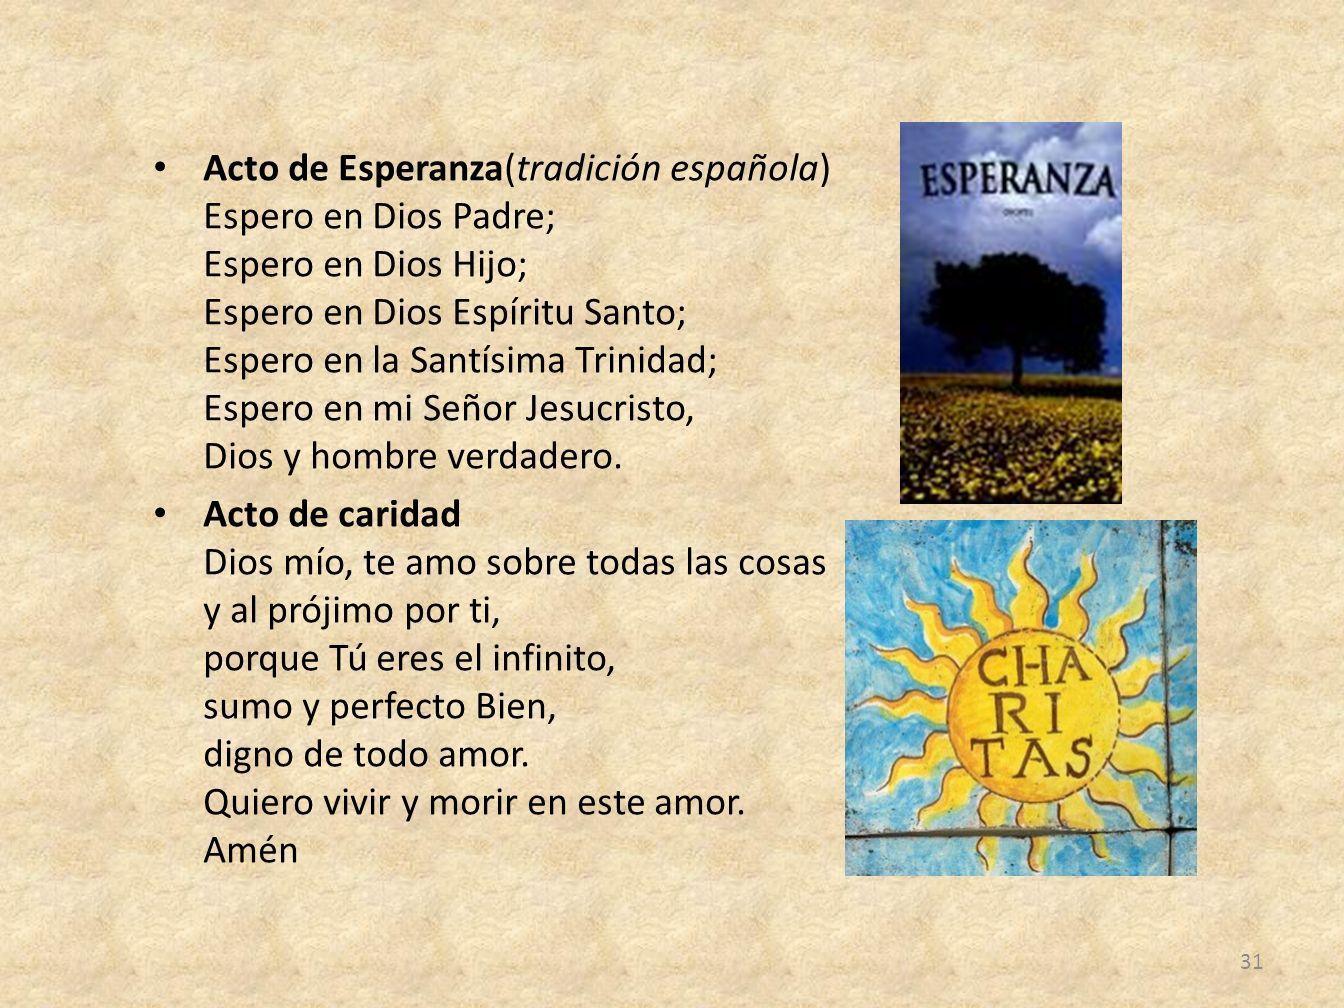 Acto de Esperanza(tradición española) Espero en Dios Padre; Espero en Dios Hijo; Espero en Dios Espíritu Santo; Espero en la Santísima Trinidad; Esper